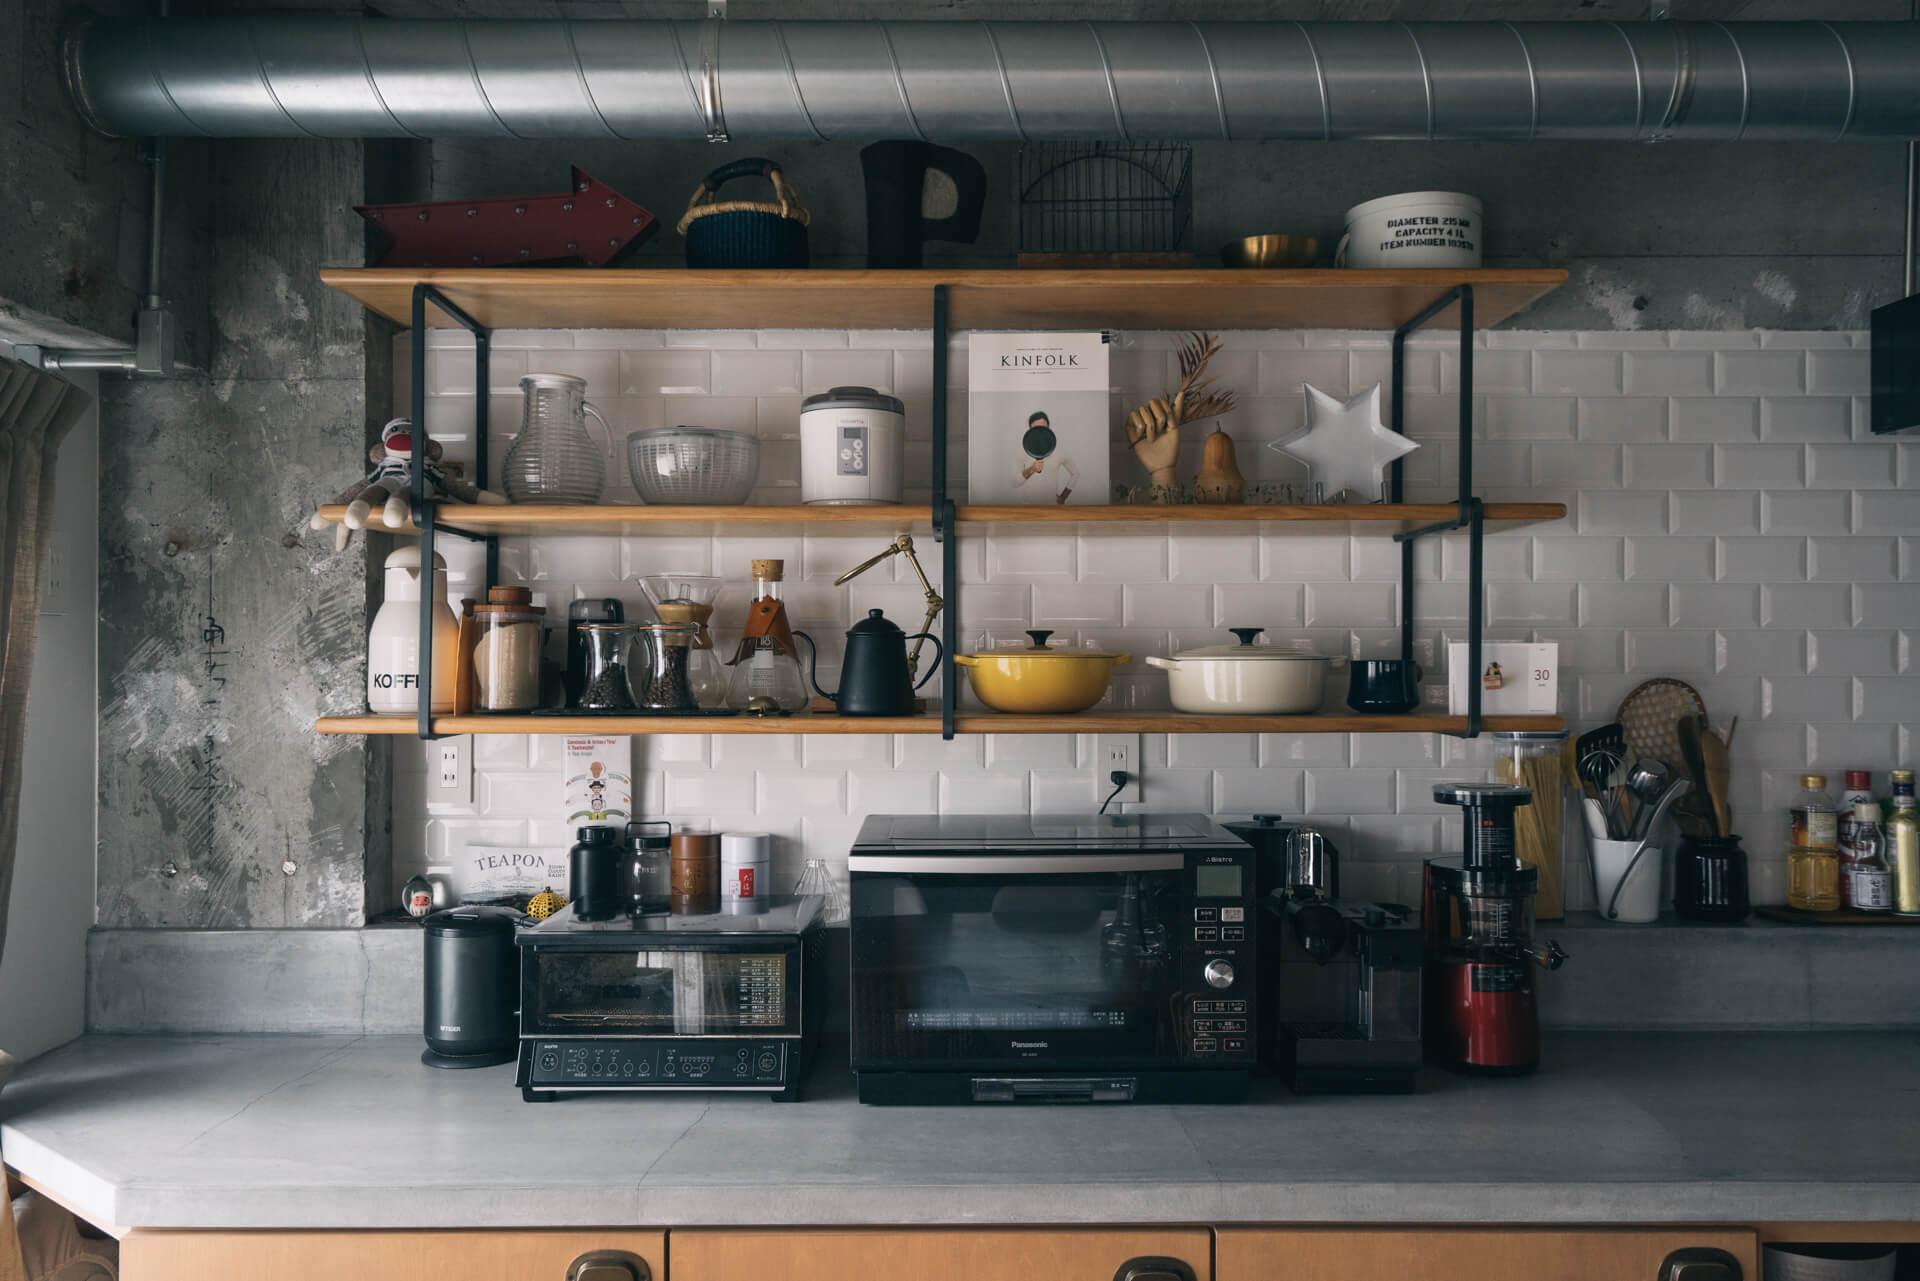 キッチンのオープン棚も、よく見るとぬいぐるみやオブジェなどがたくさん。「料理に全然関係ないようなものを並べるのが好きなんです」